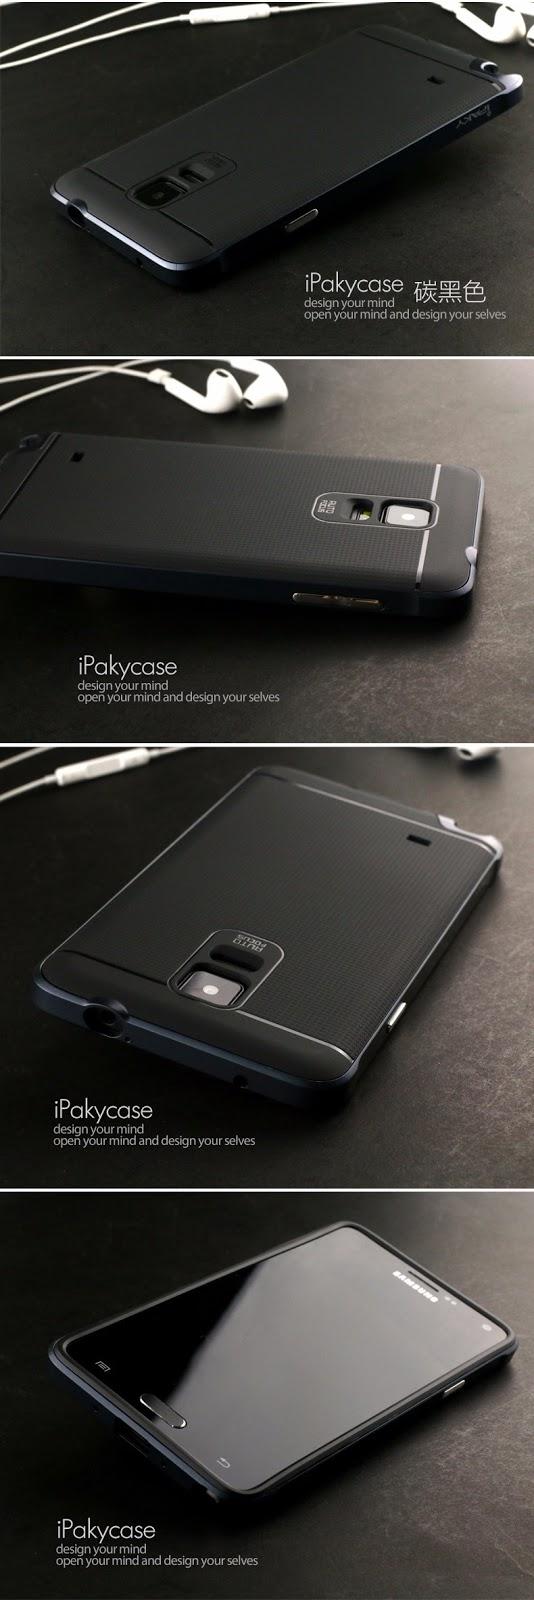 เคส Note 4 สไตล์ไฮบริดของแท้ 131006 สีน้ำเงินเข้ม